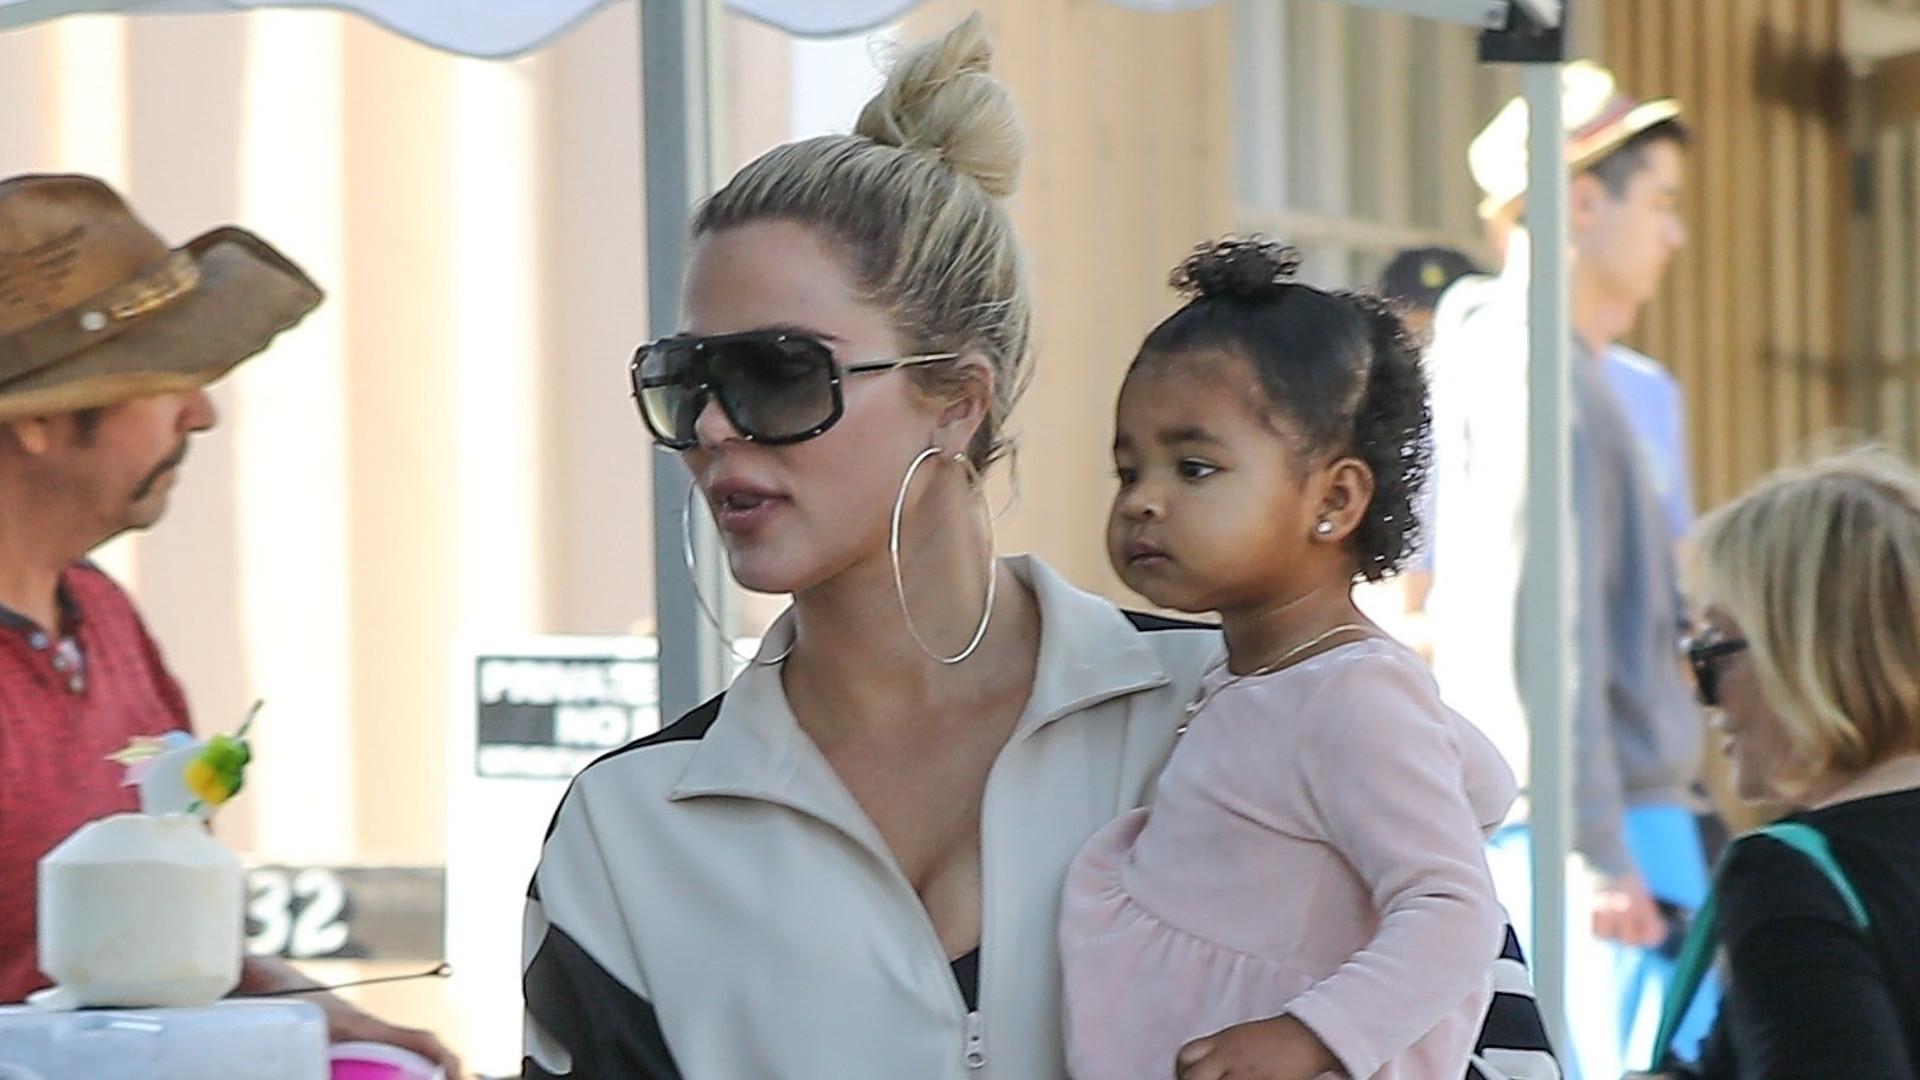 Przerobiona Khloe Kardashian z córeczką True na rynku (ZDJĘCIA)